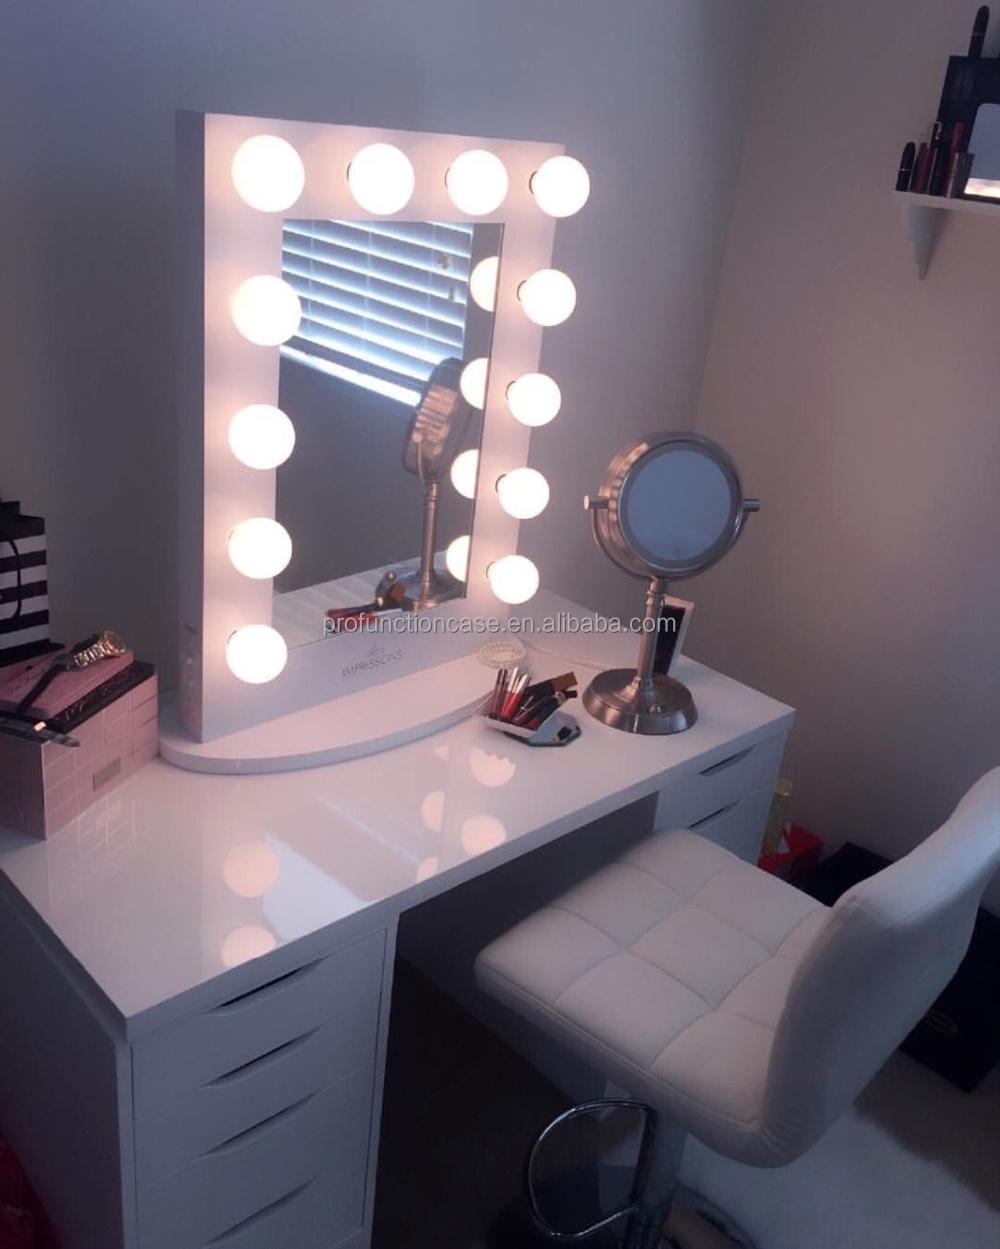 Regno unito in australia vendita caldo illuminato specchio per il trucco tavolo scrivania trucco - Specchio trucco illuminato ...